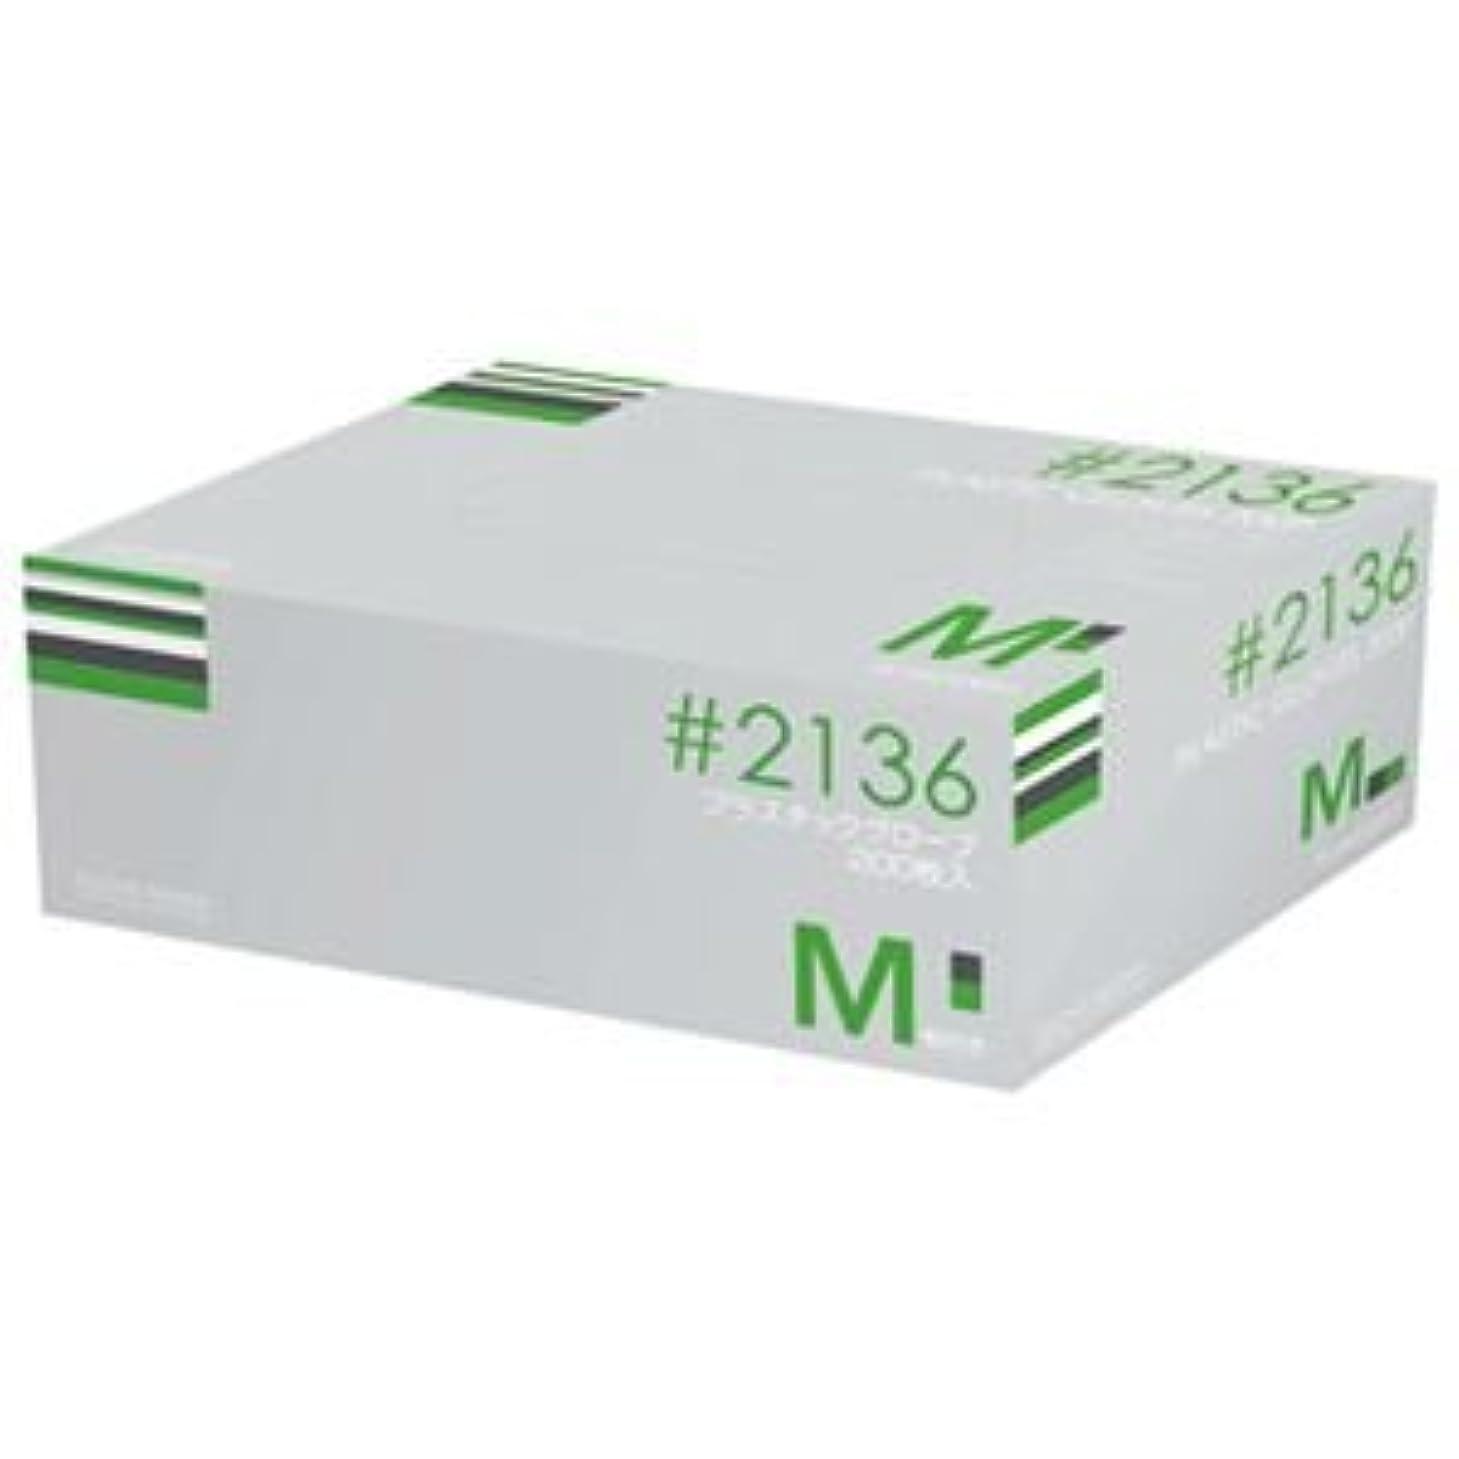 ルビーホームレスポルトガル語(業務用10セット) 川西工業 プラスティックグローブ #2136 M 粉付